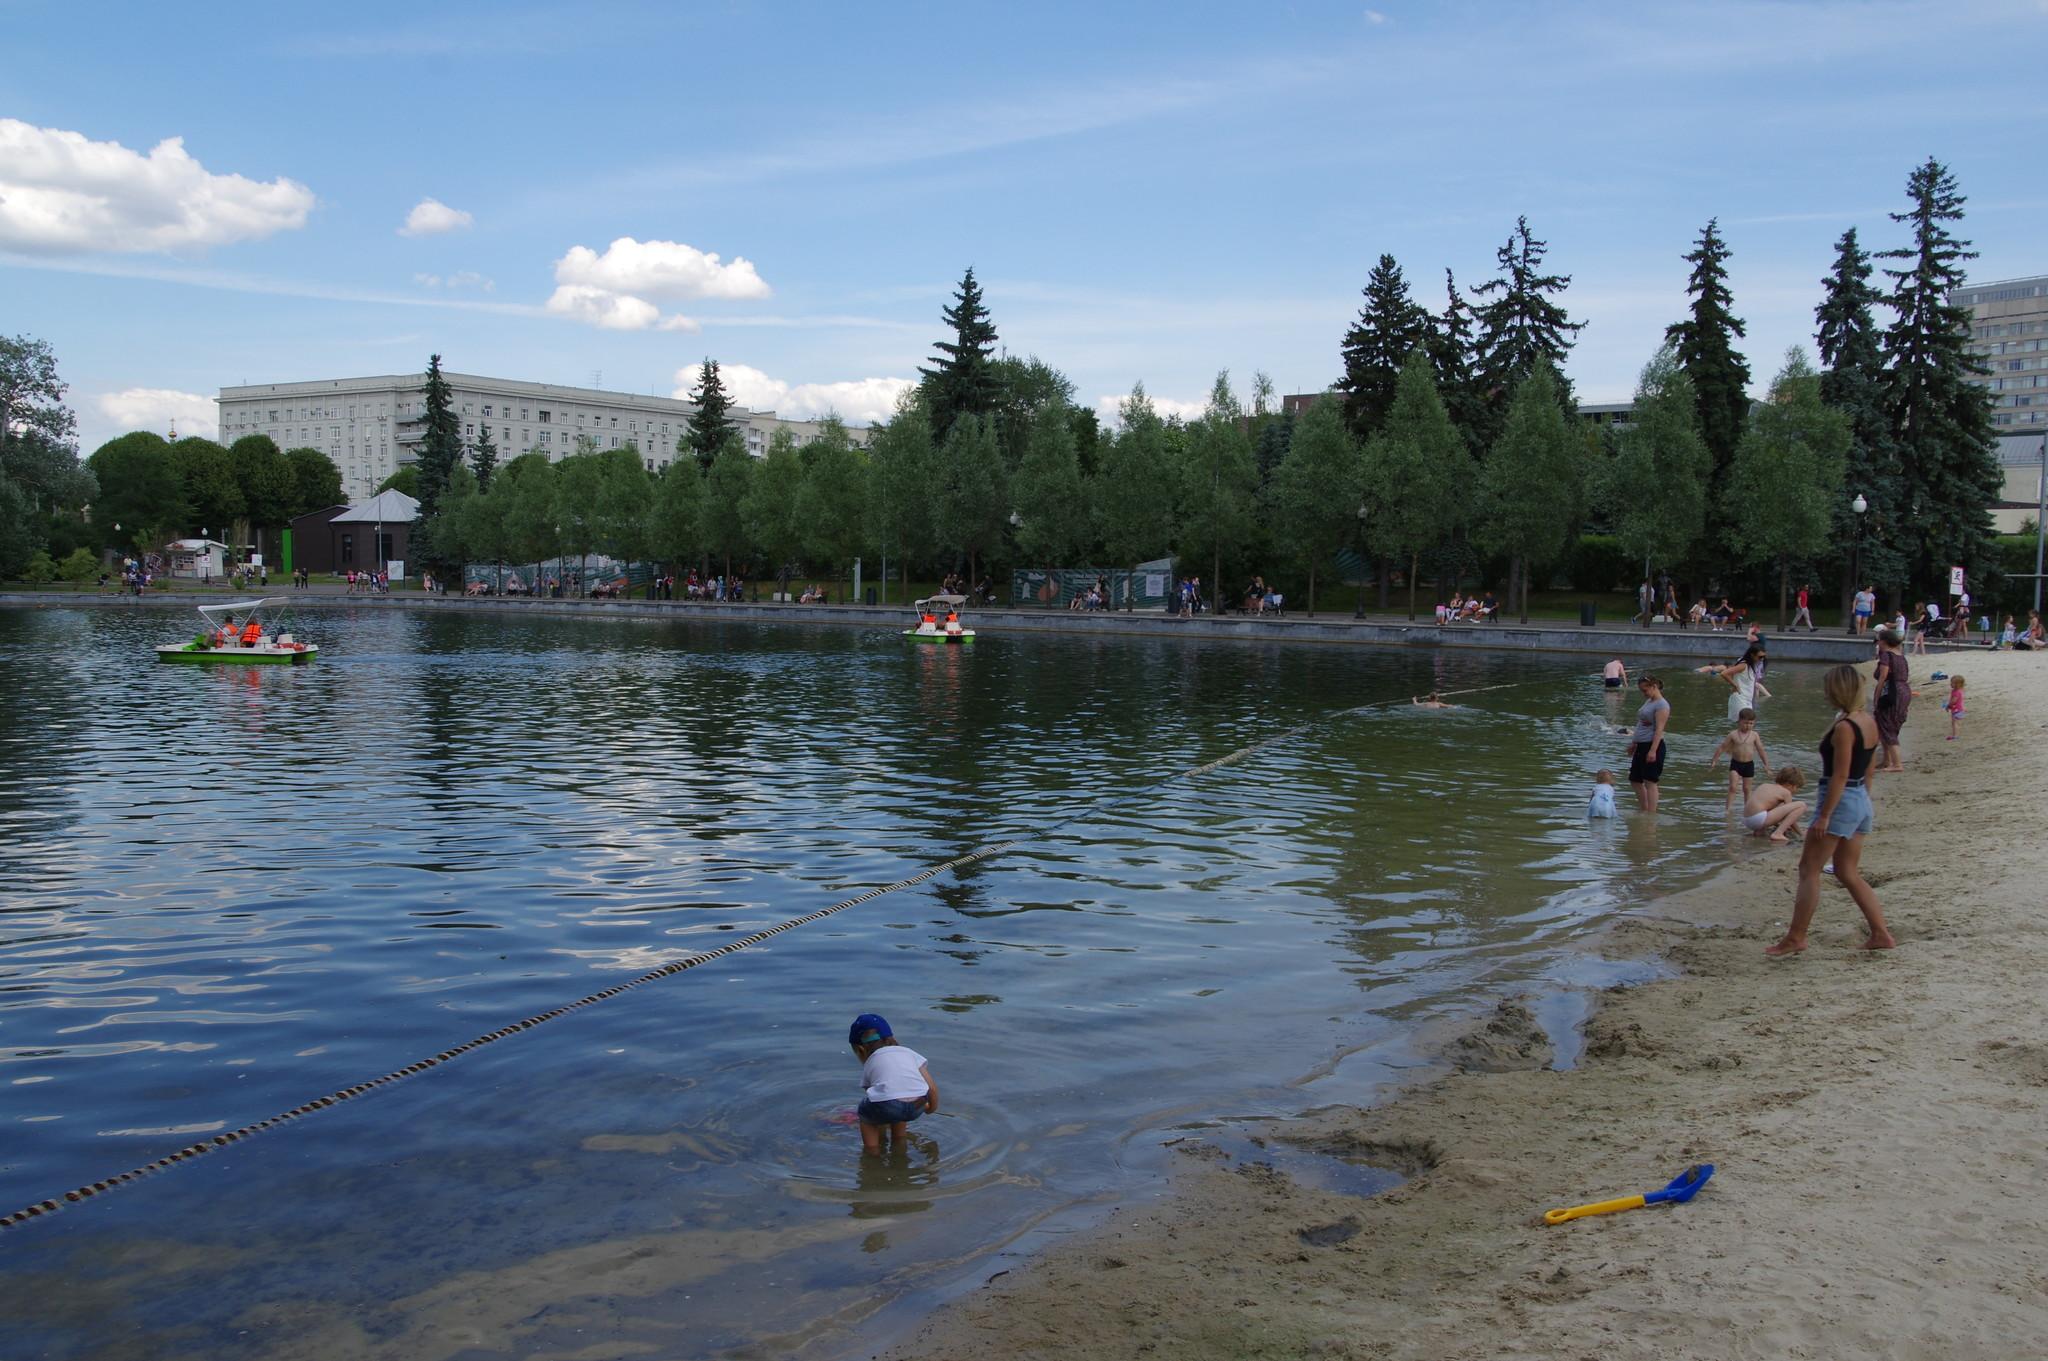 Пионерский пруд в Центральном парке культуры и отдыха имени Максима Горького